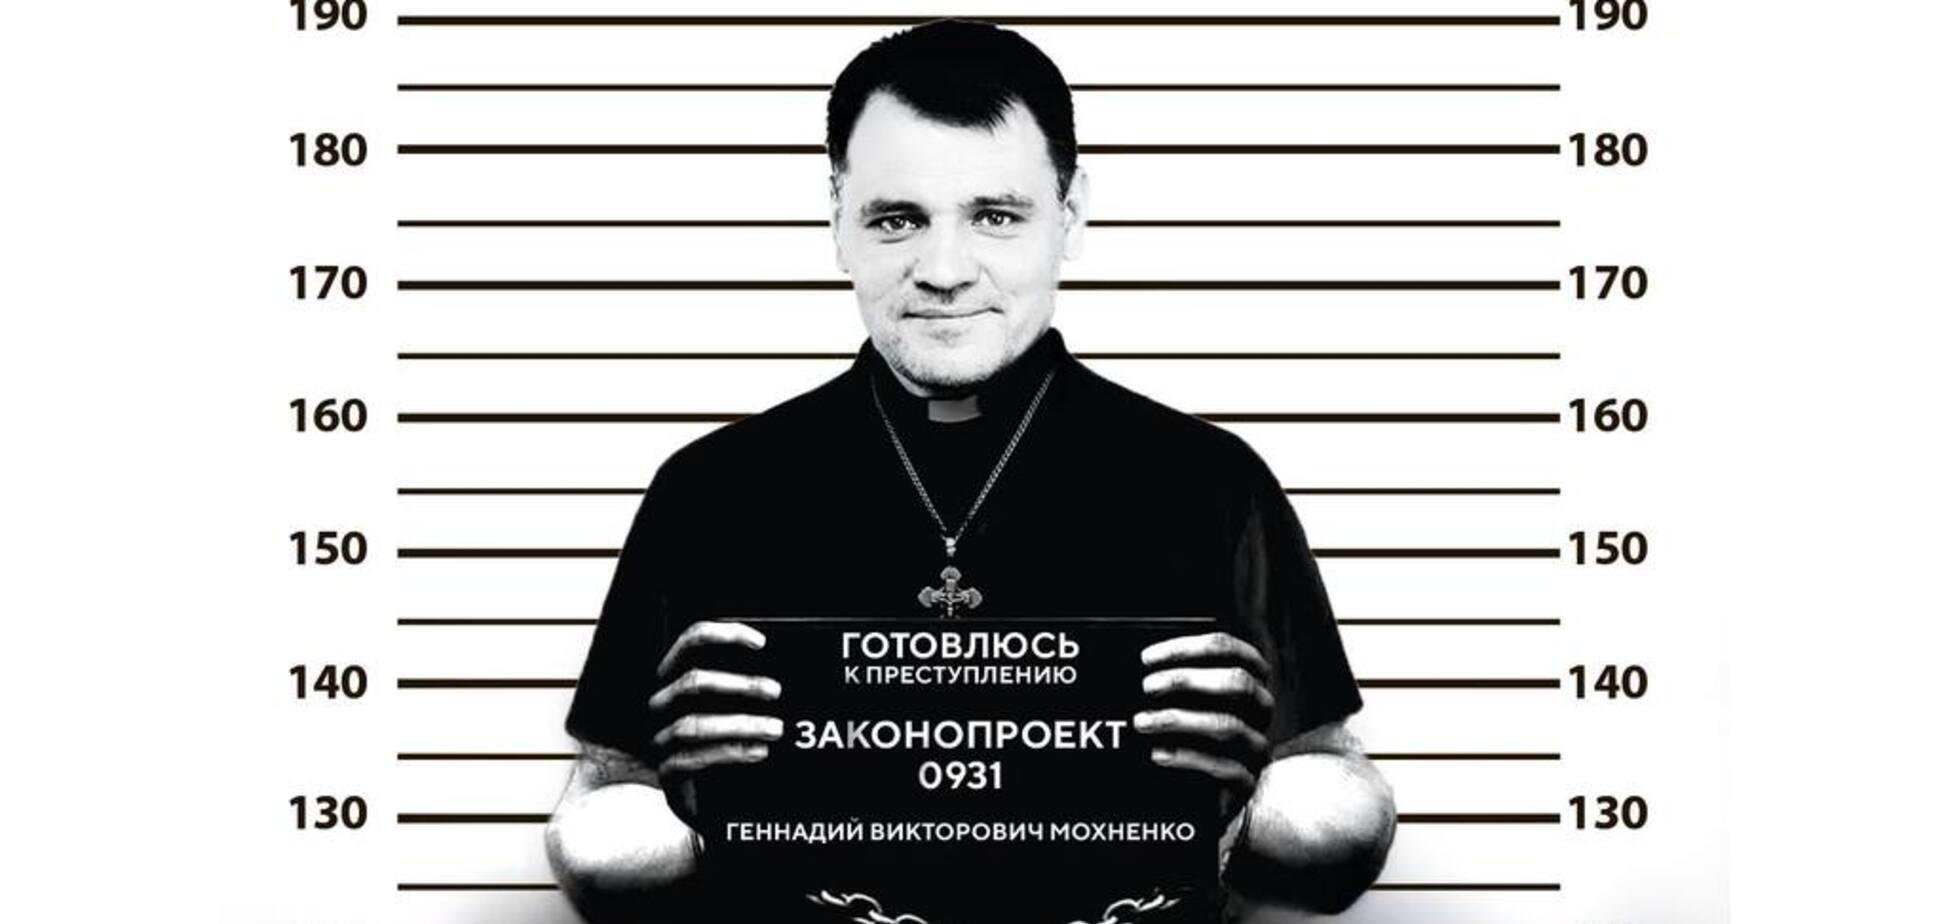 В Украине готовят к открытию Второй Фронт